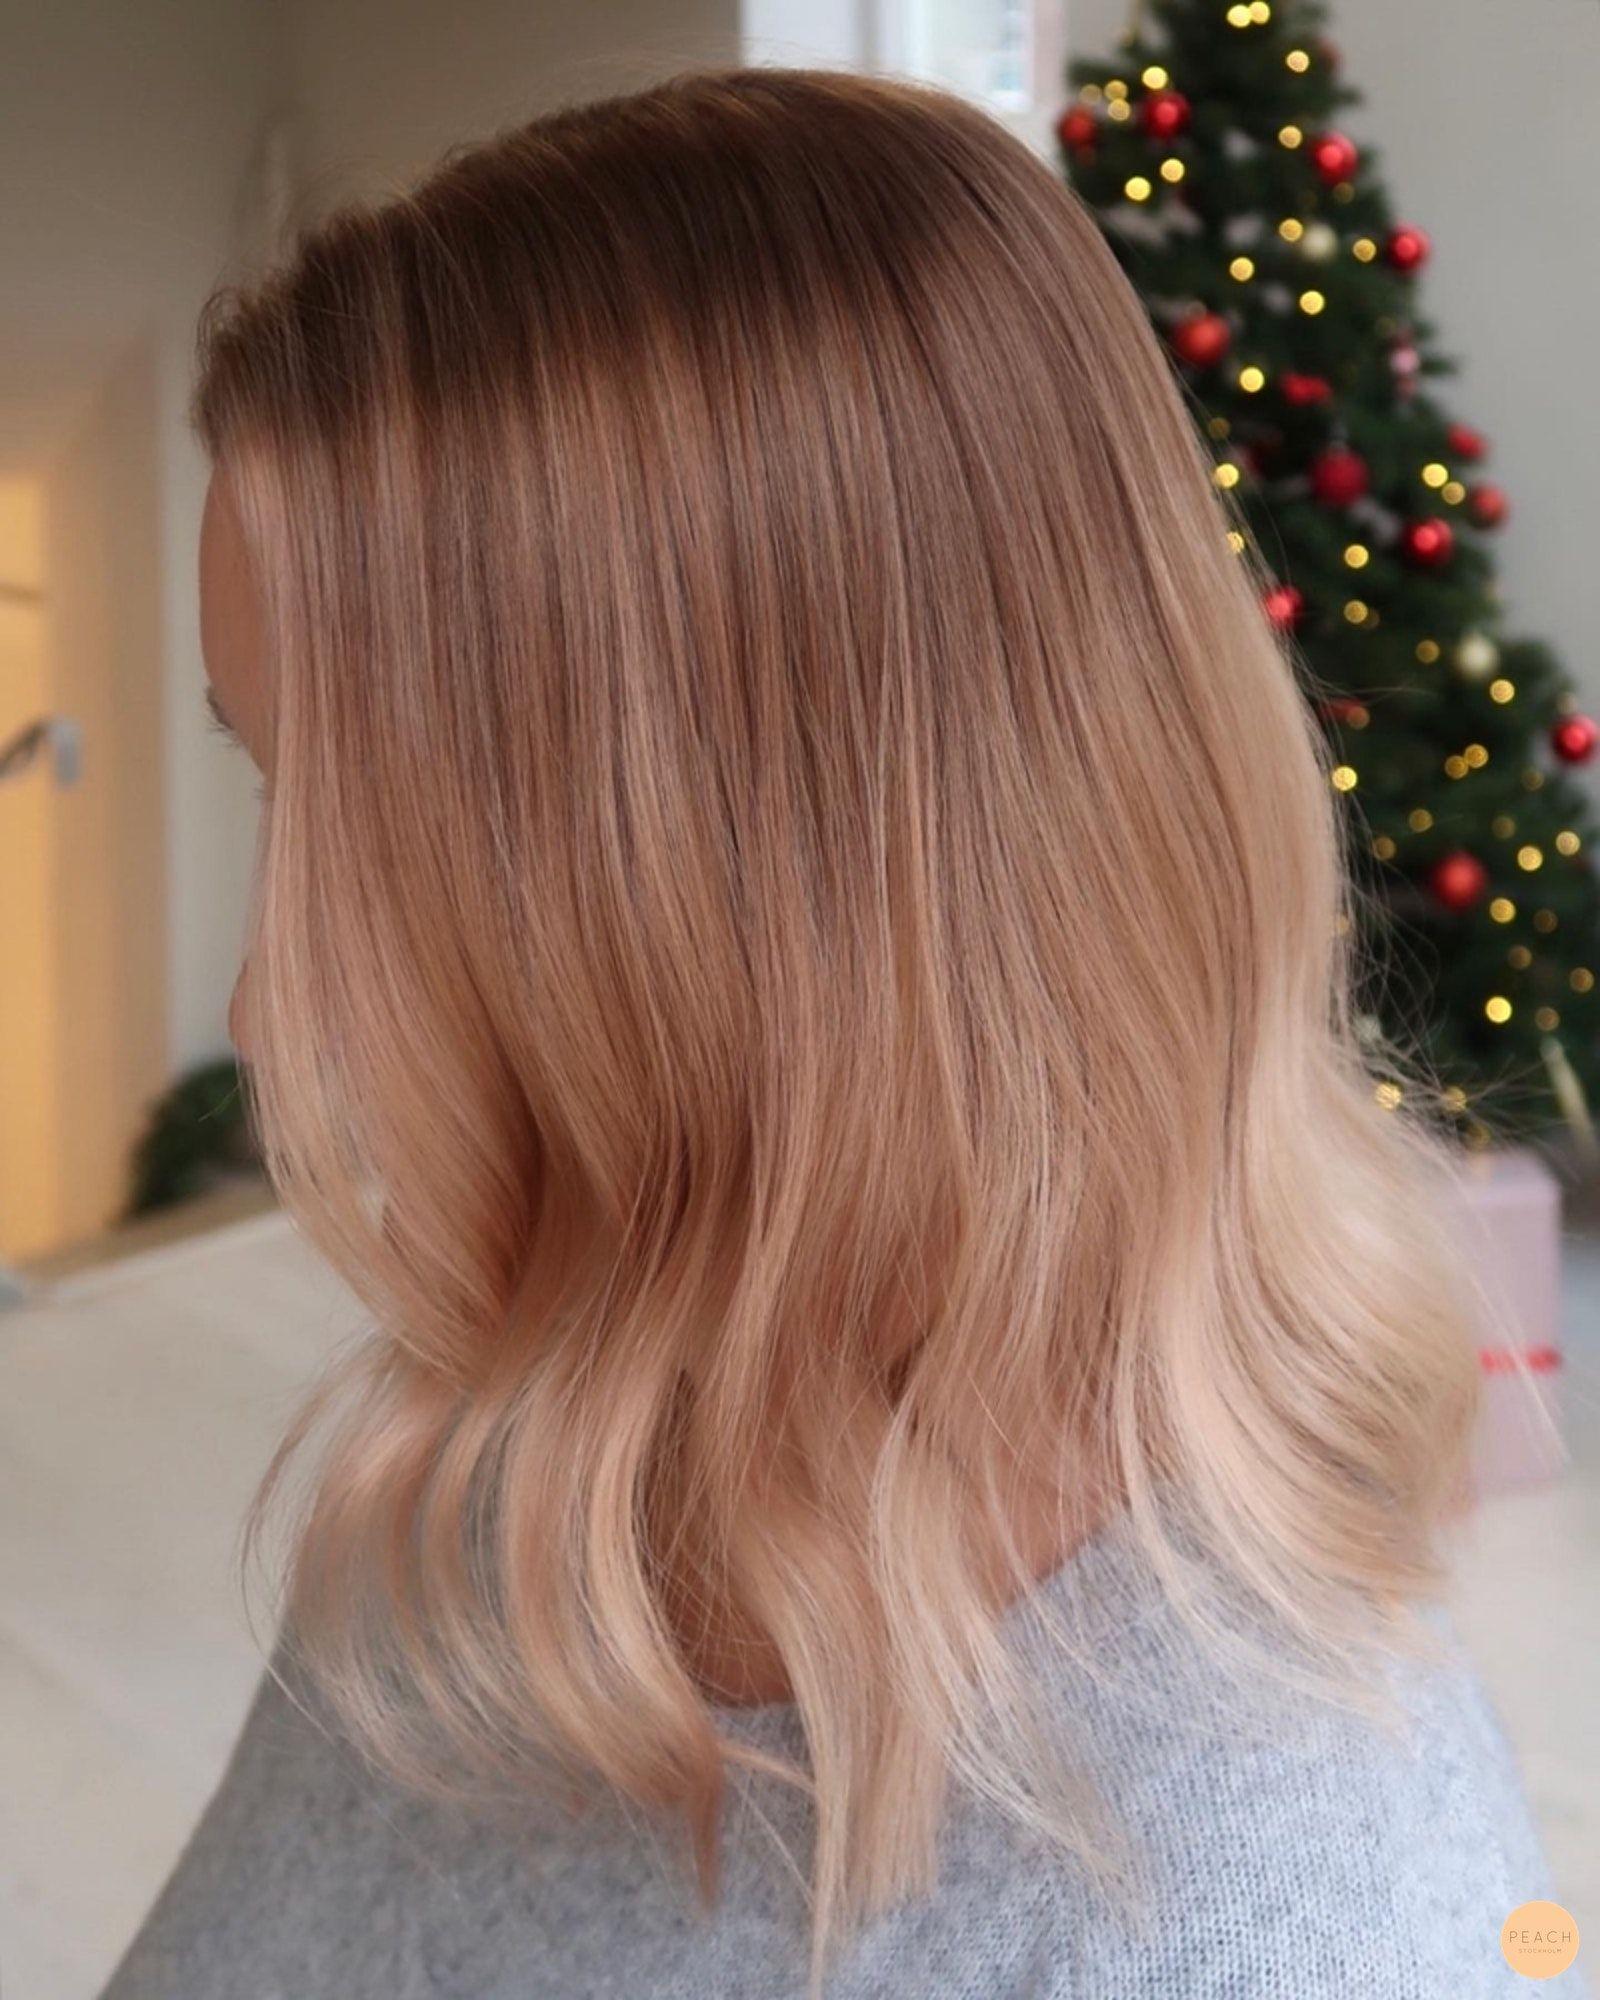 hårtrender hösten 2016